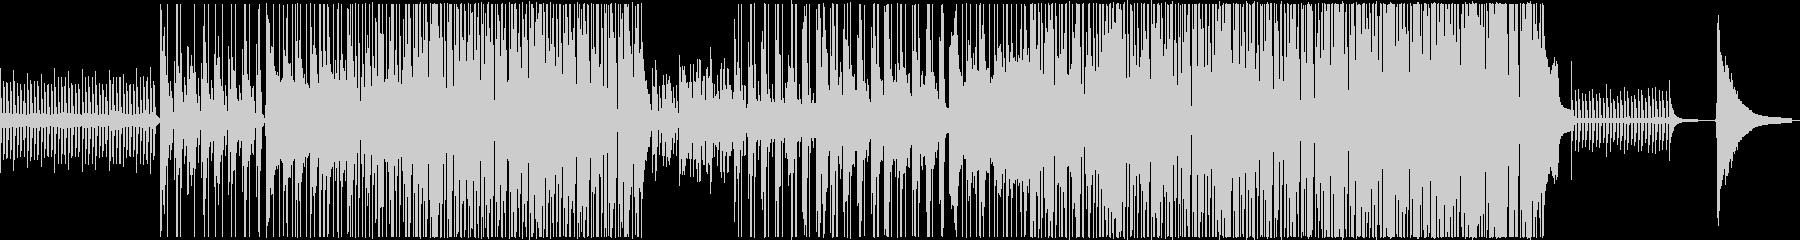 C-POPでハッピーな曲の未再生の波形